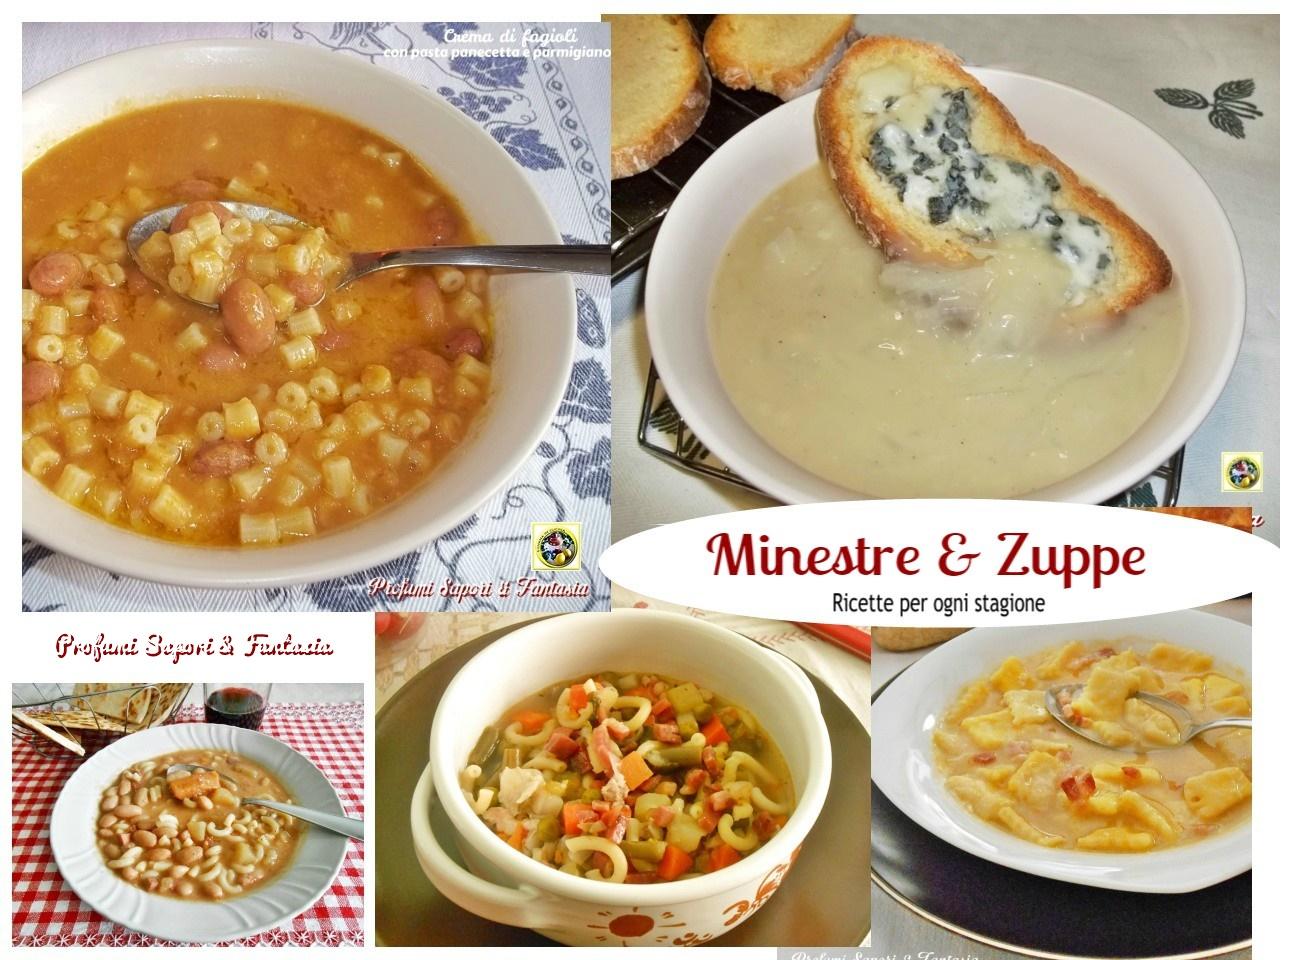 Minestre e zuppe ricette